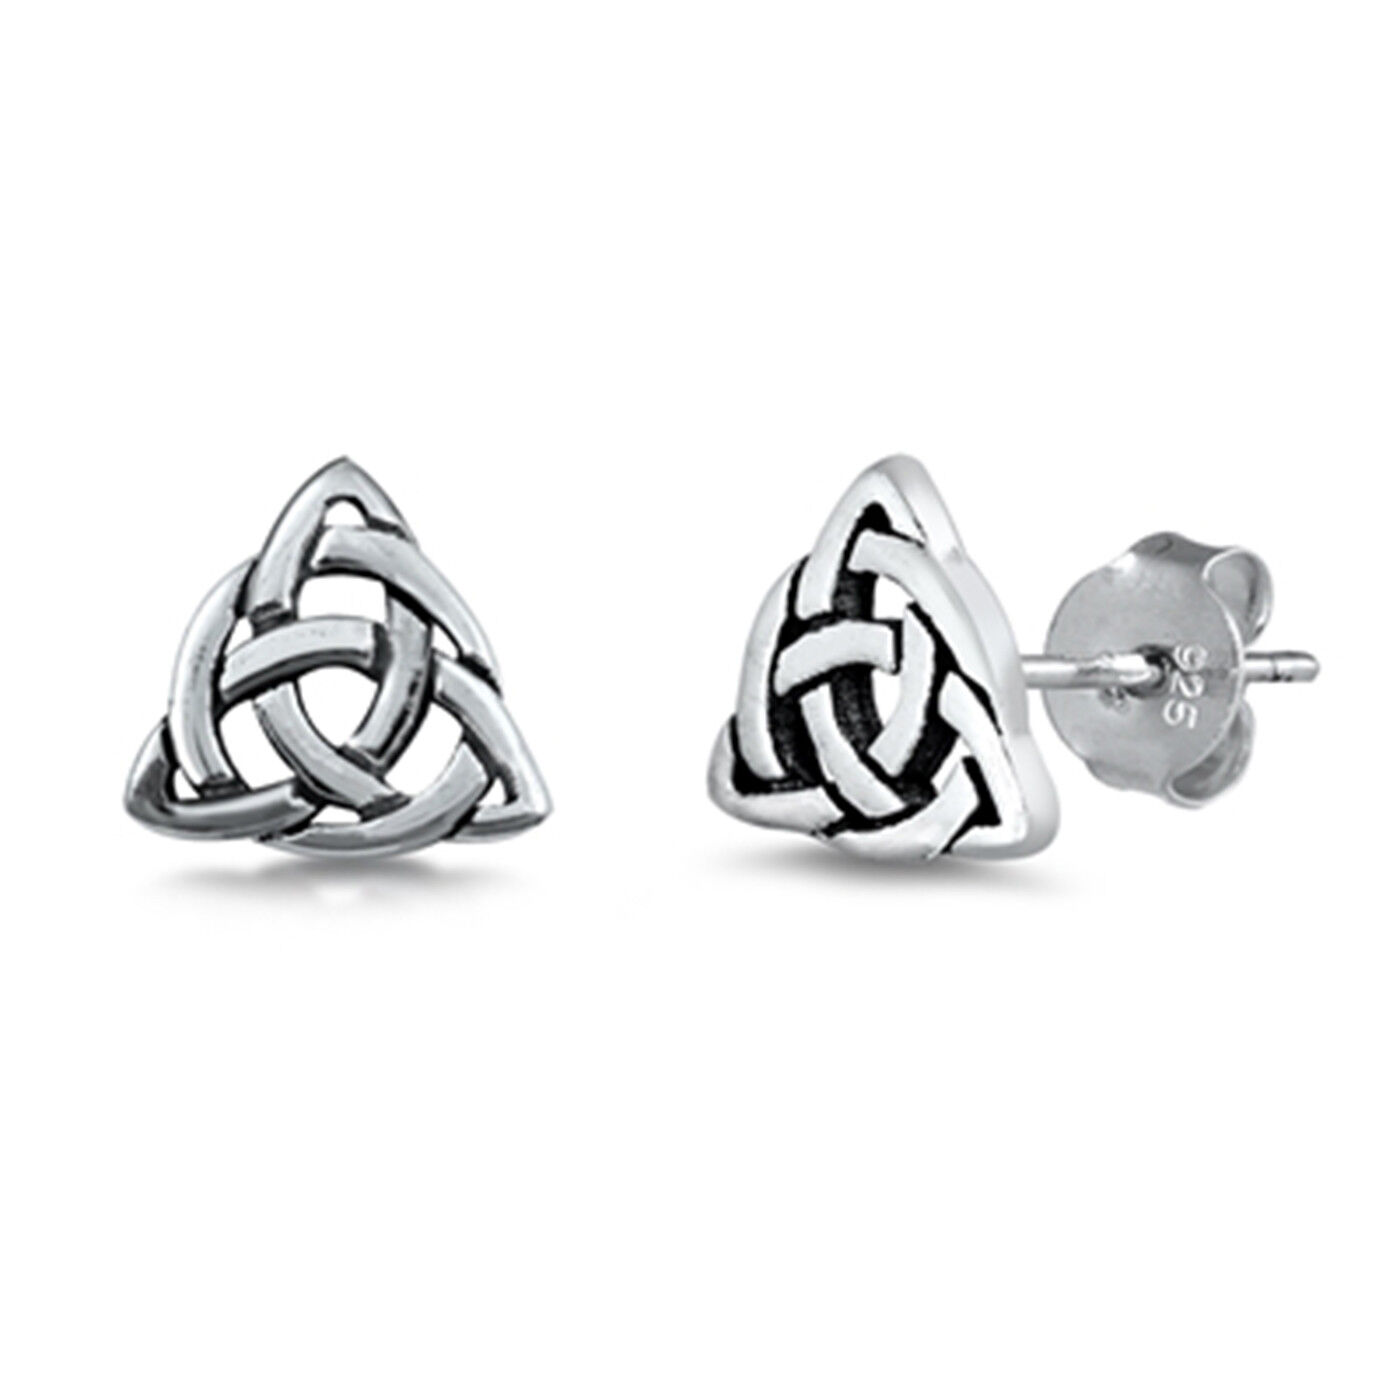 Sterling Silver Trinity Post Earrings Solid 8 mm 7 mm Button Earrings Jewelry